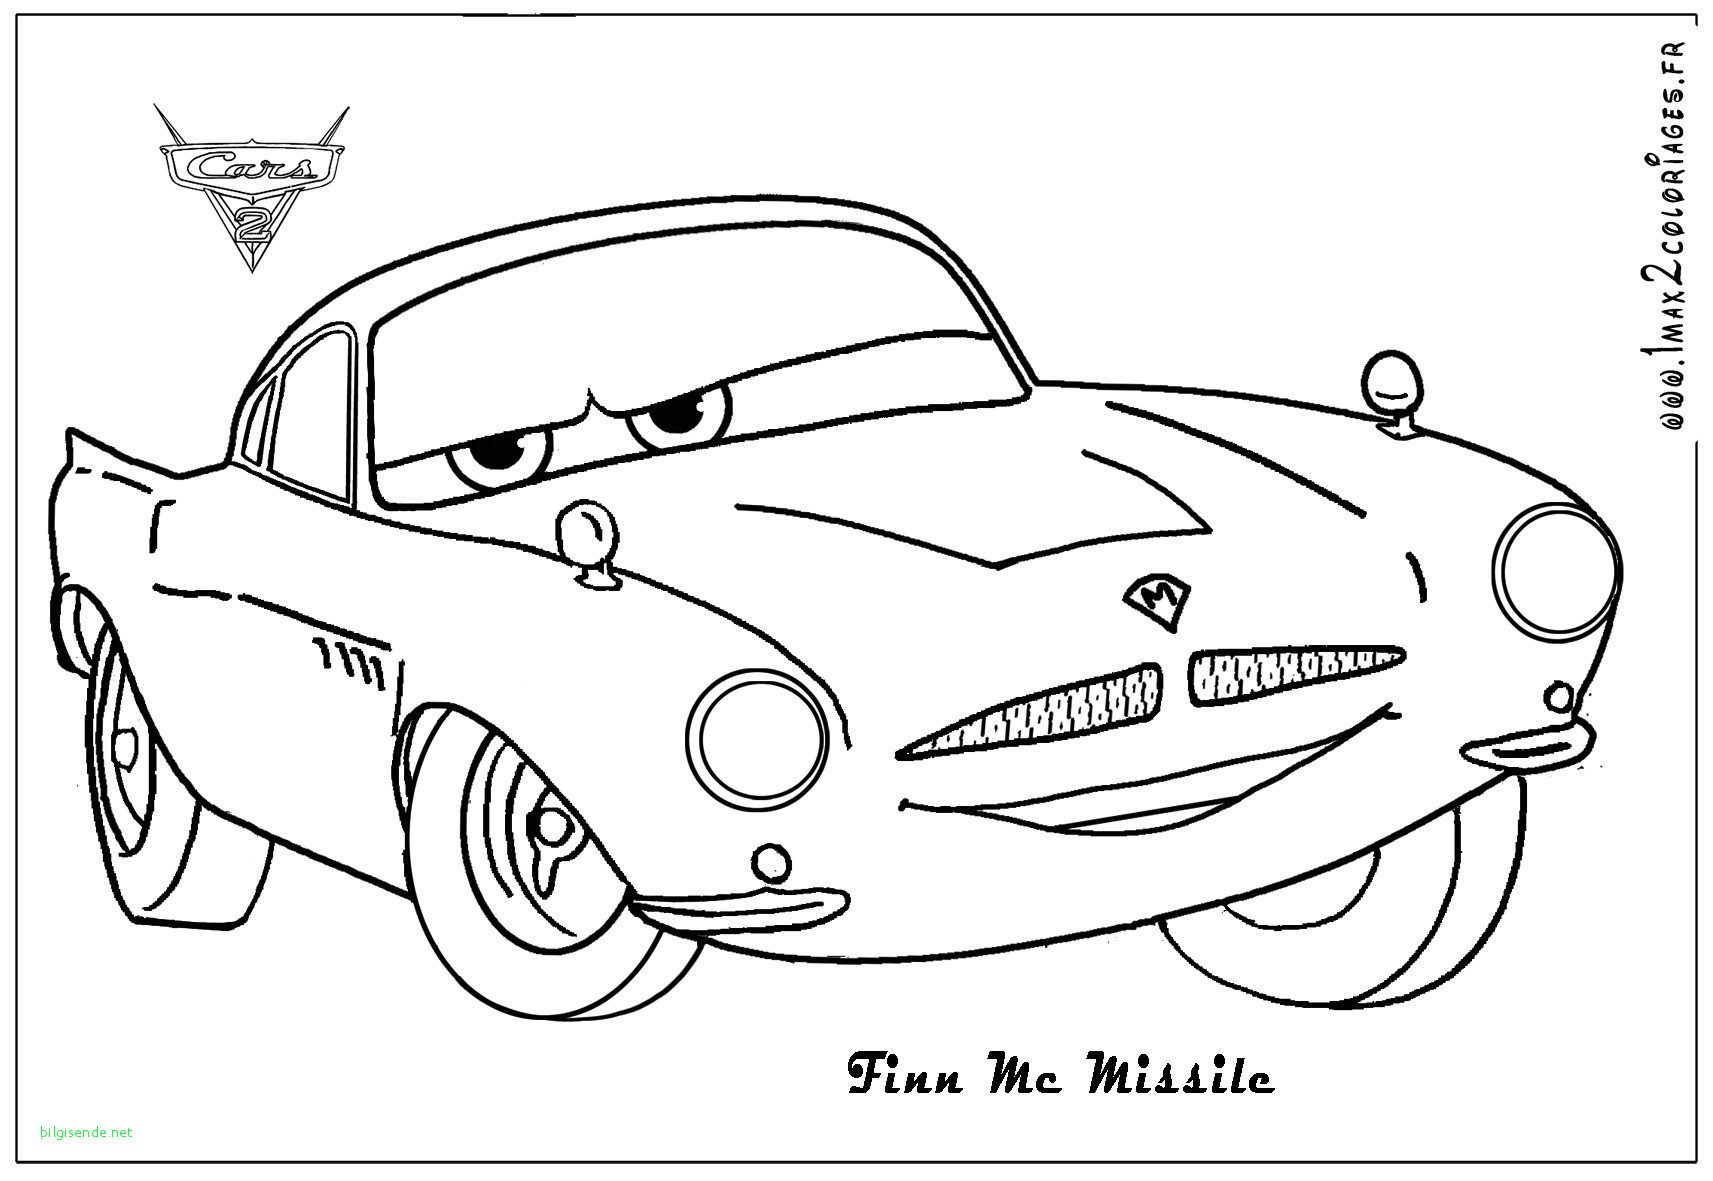 Lightning Mcqueen Ausmalbilder Genial Cars 3 Ausmalbilder Frisch 1970 Bugatti Luxury Bmw X5 3 0d 2003 Best Bilder